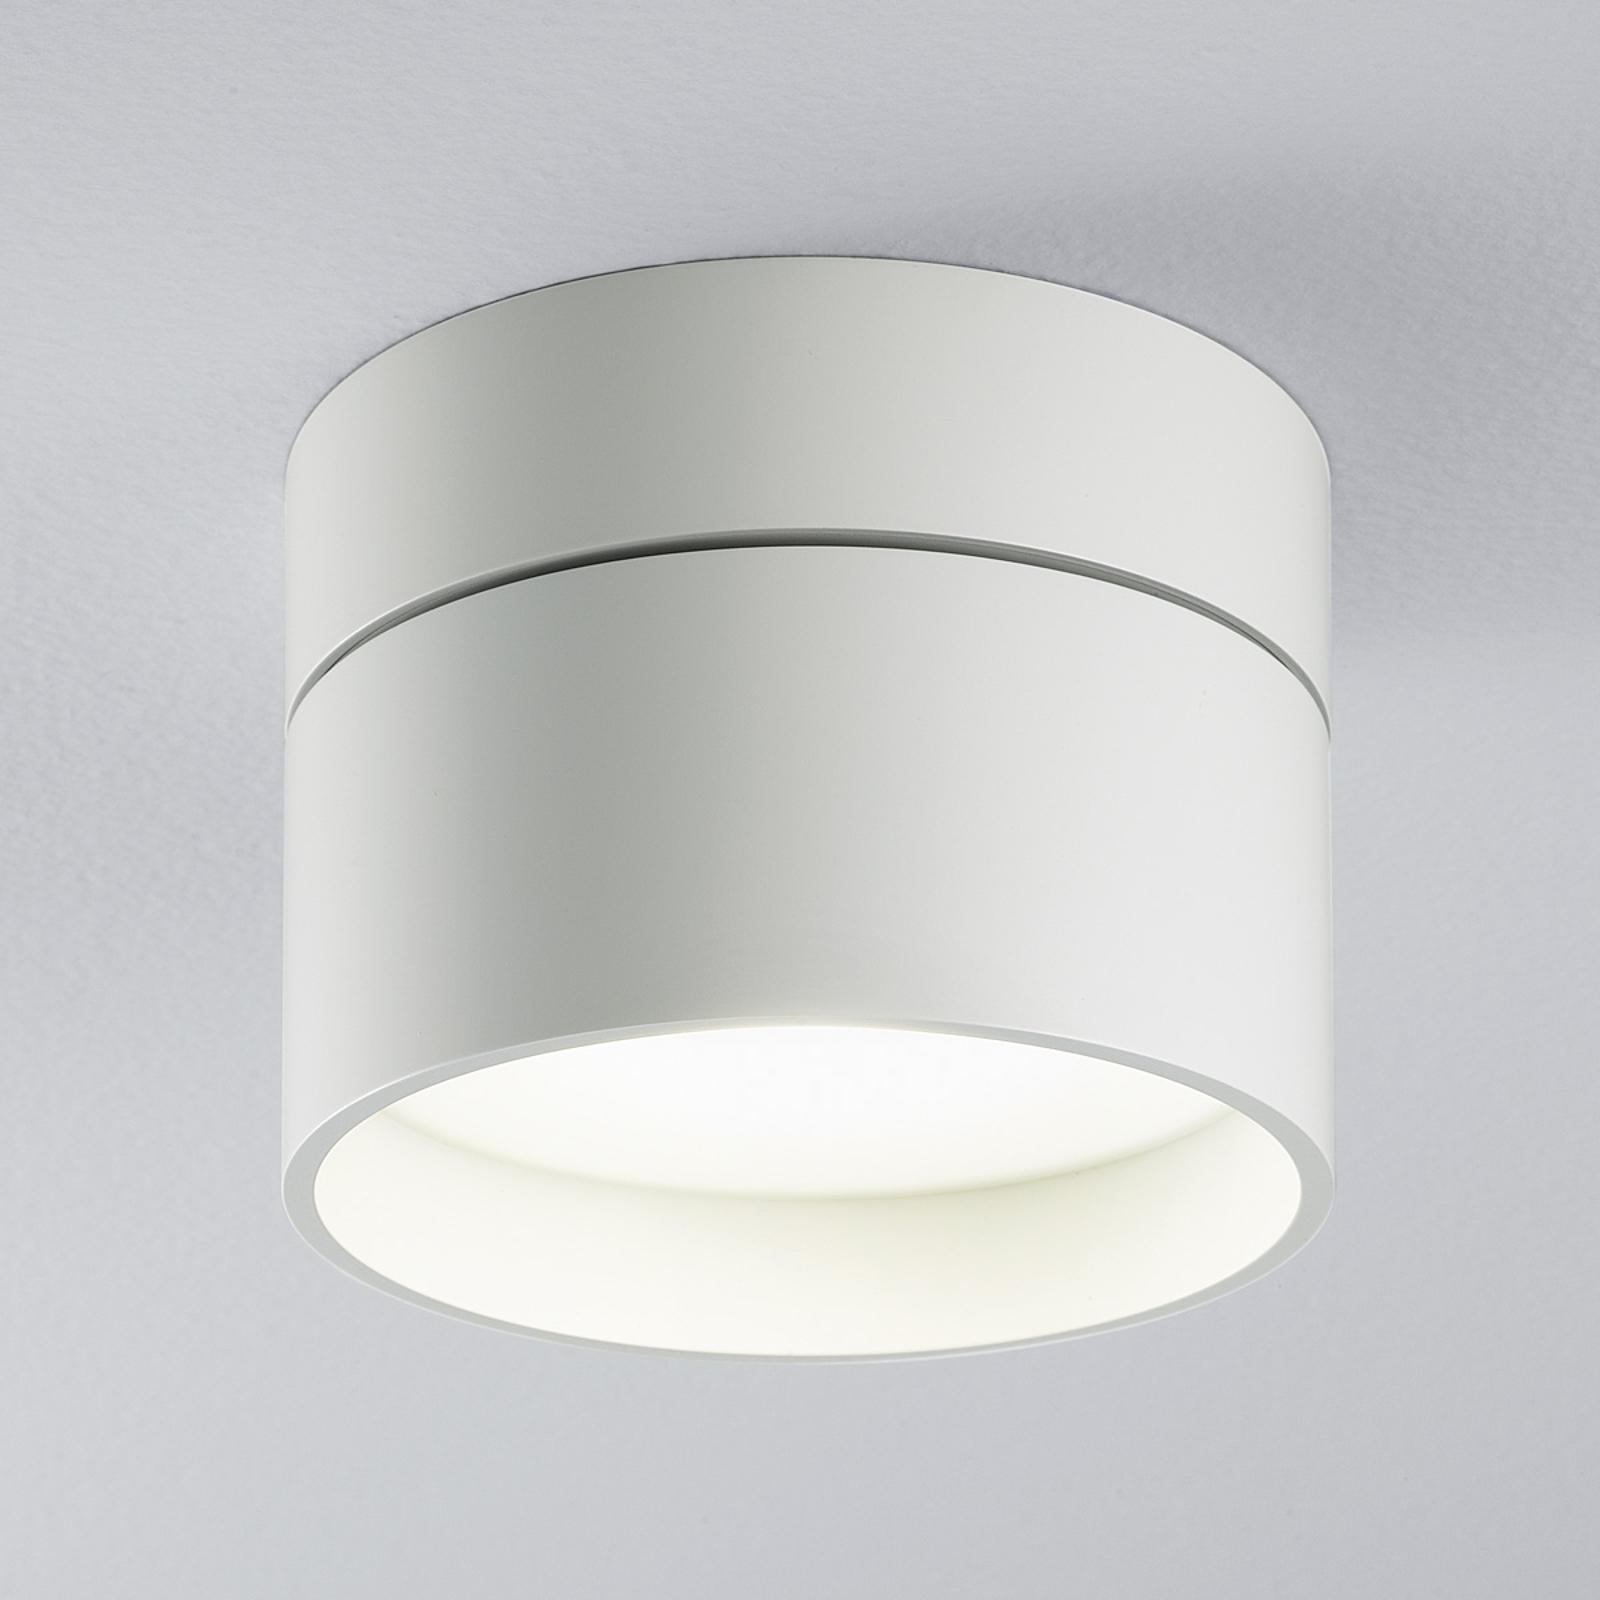 Plafoniera LED Piper, 11 cm